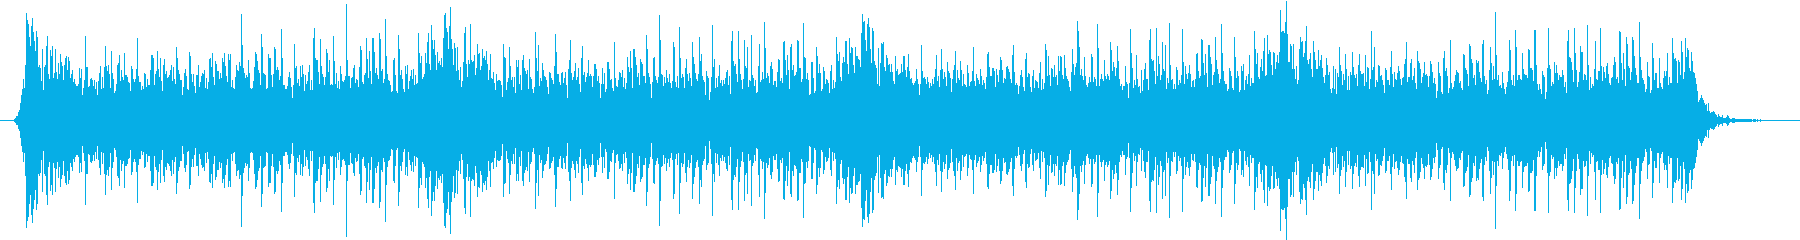 三味線のロック 和風の戦闘曲の再生済みの波形